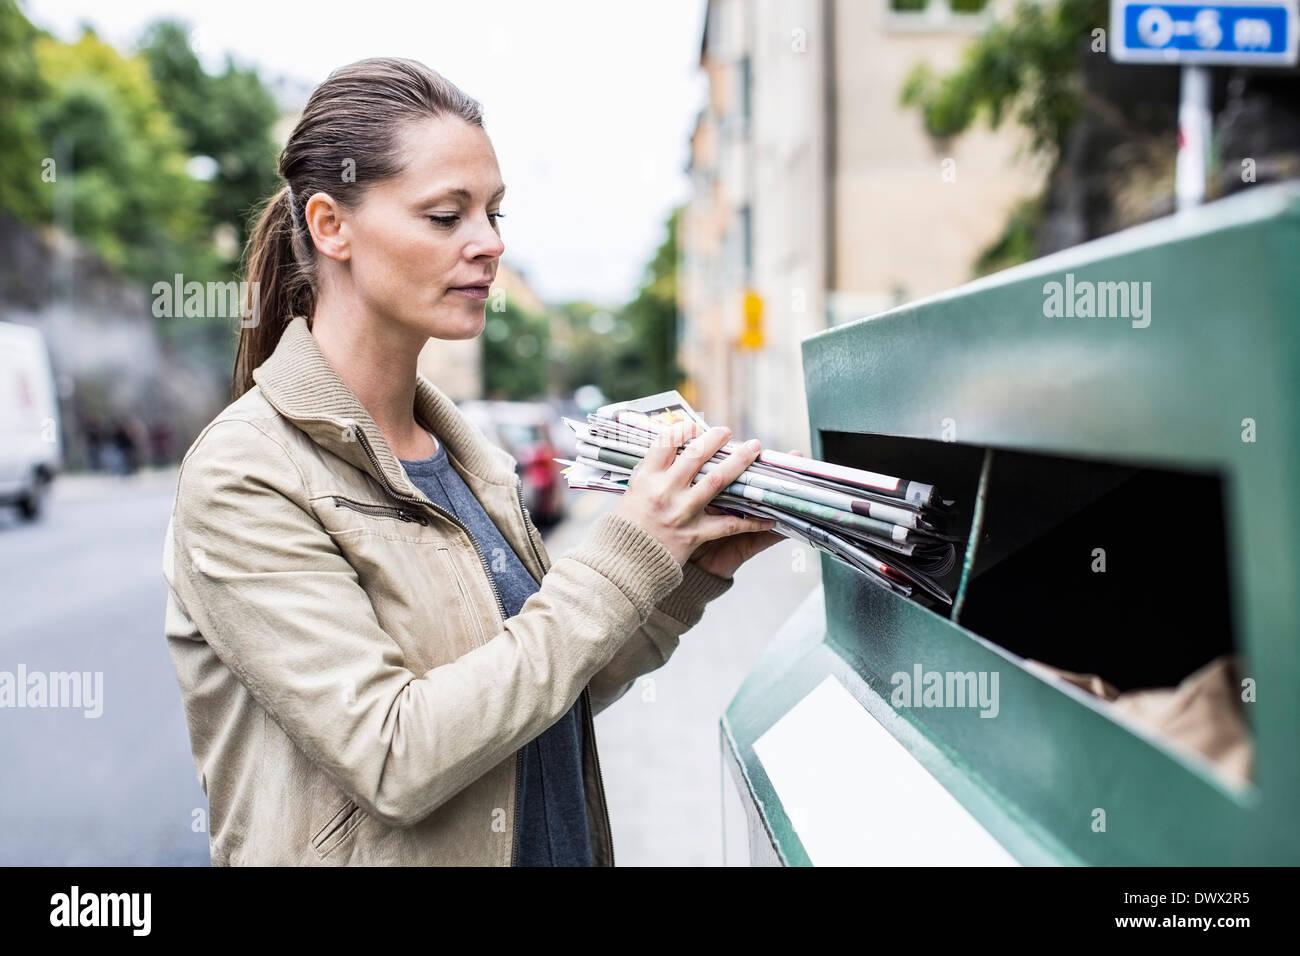 Mitte Erwachsene Frau Inbetriebnahme Zeitungen Recyclingbehälter Stockbild